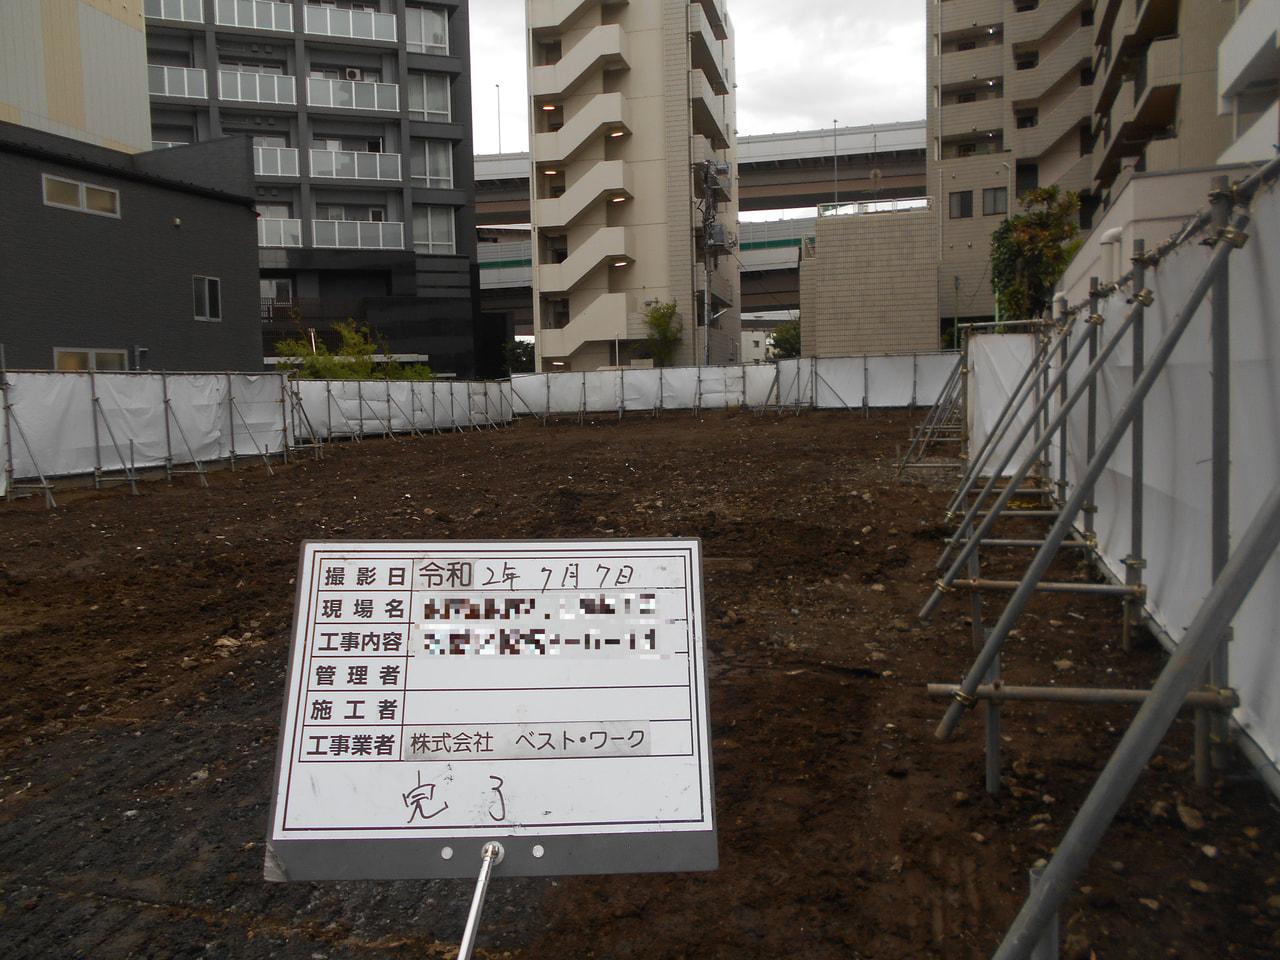 板橋区 鉄骨造解体工事 解体後